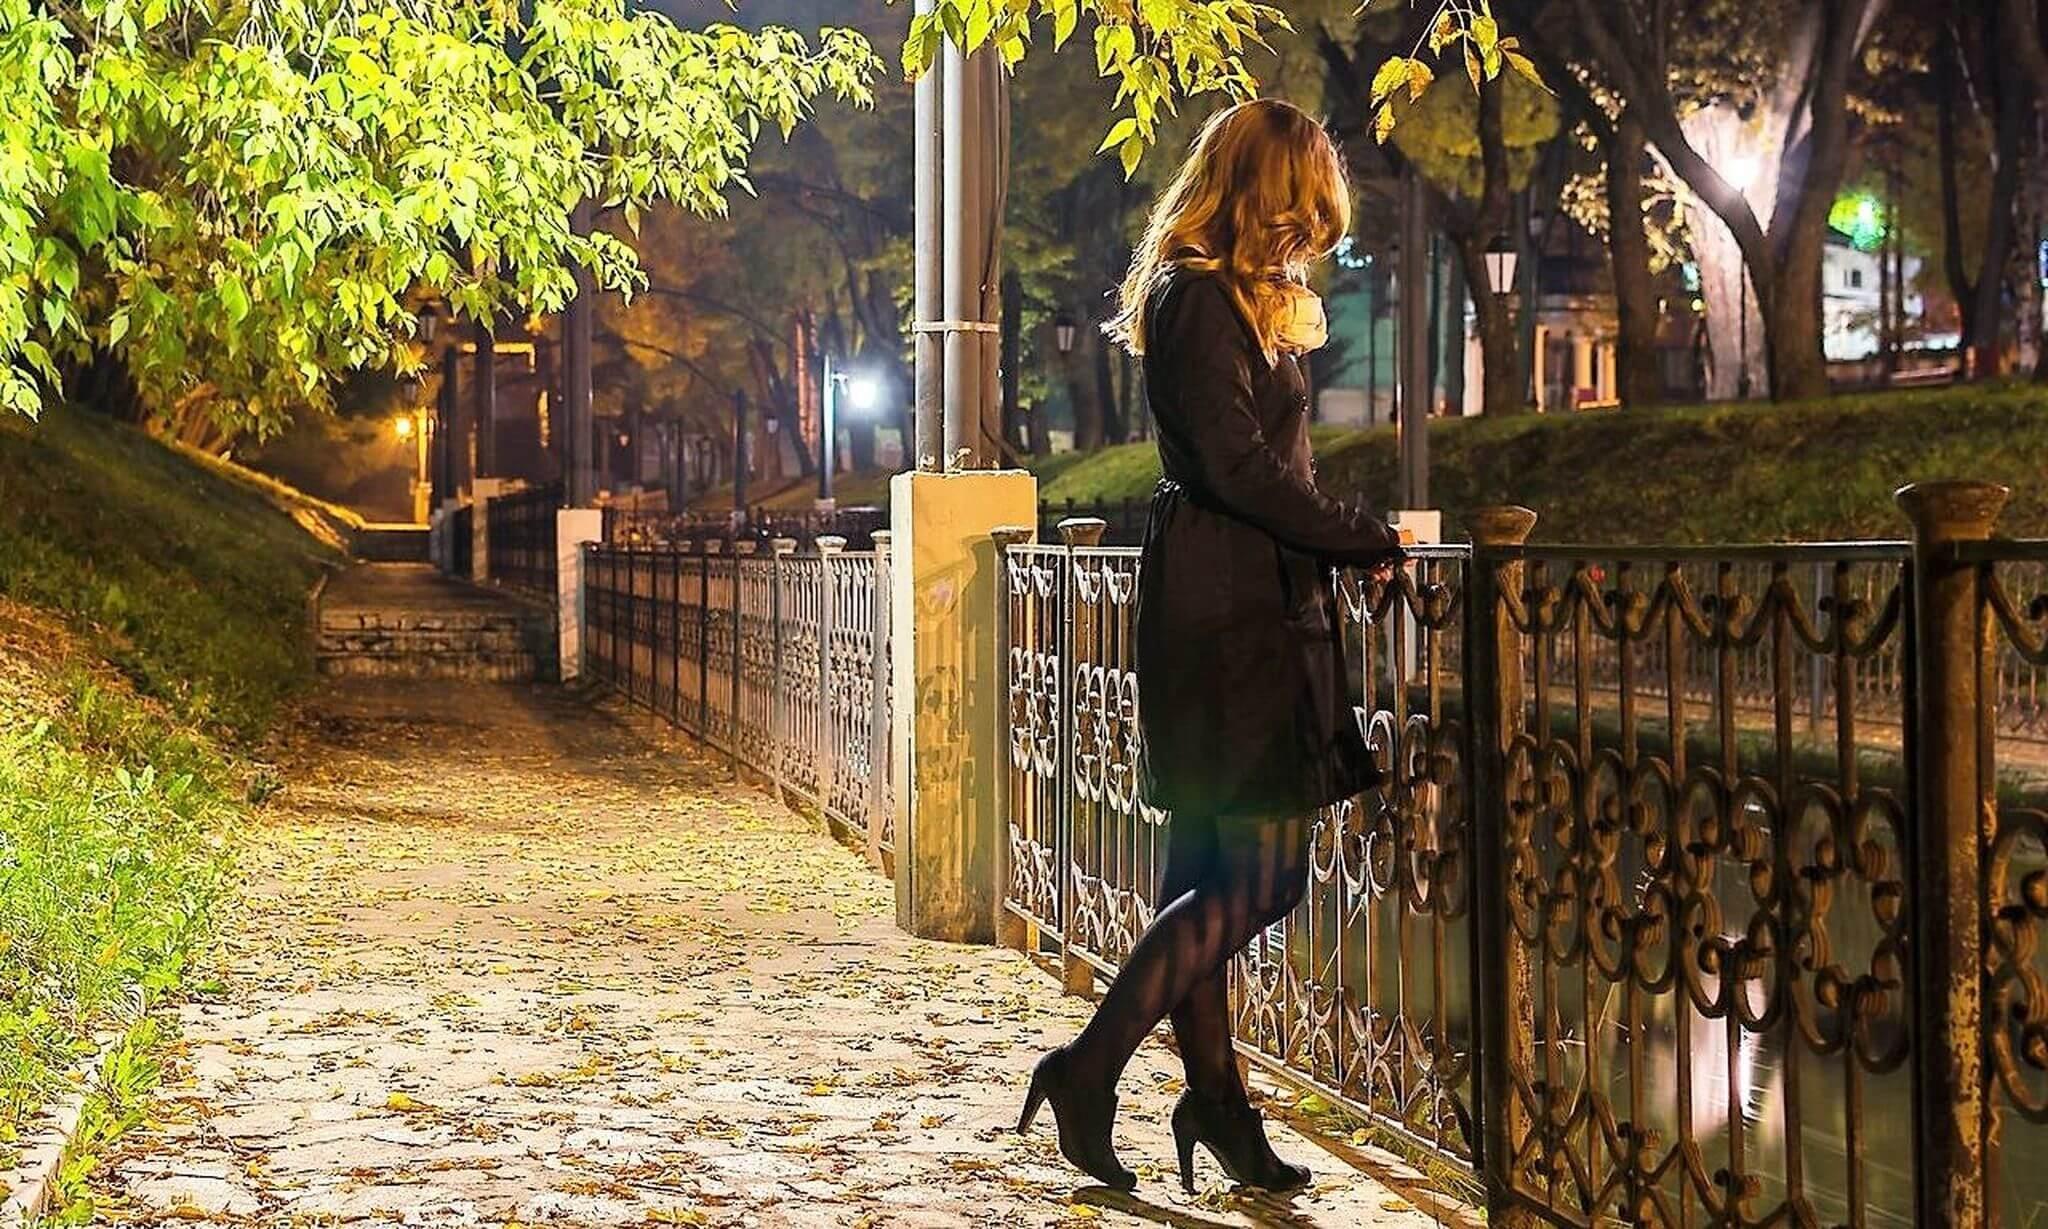 Почему и от чего женщина получает удовольствие